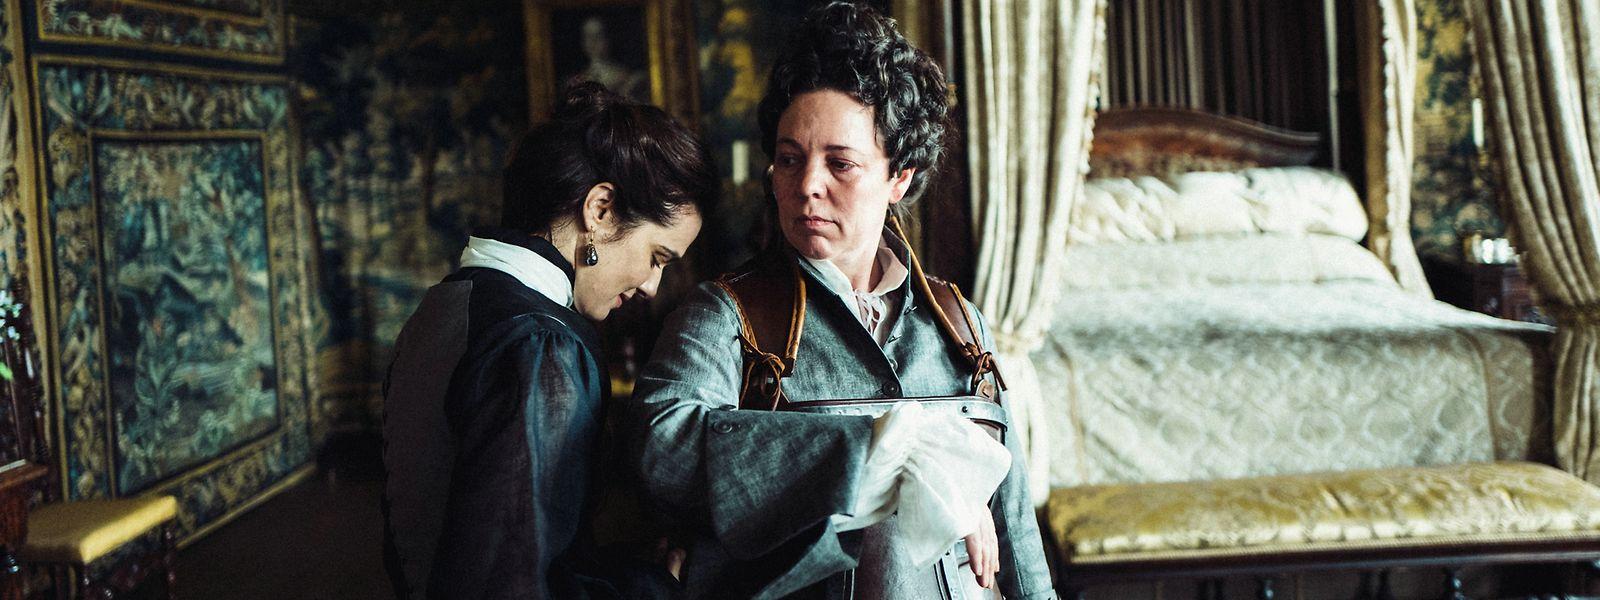 """Der Oscar-nominierte Film """"The Favourite - Intrigen und Irrsinn"""" ist seit 9. Januar in den luxemburgischen Kinos zu sehen."""